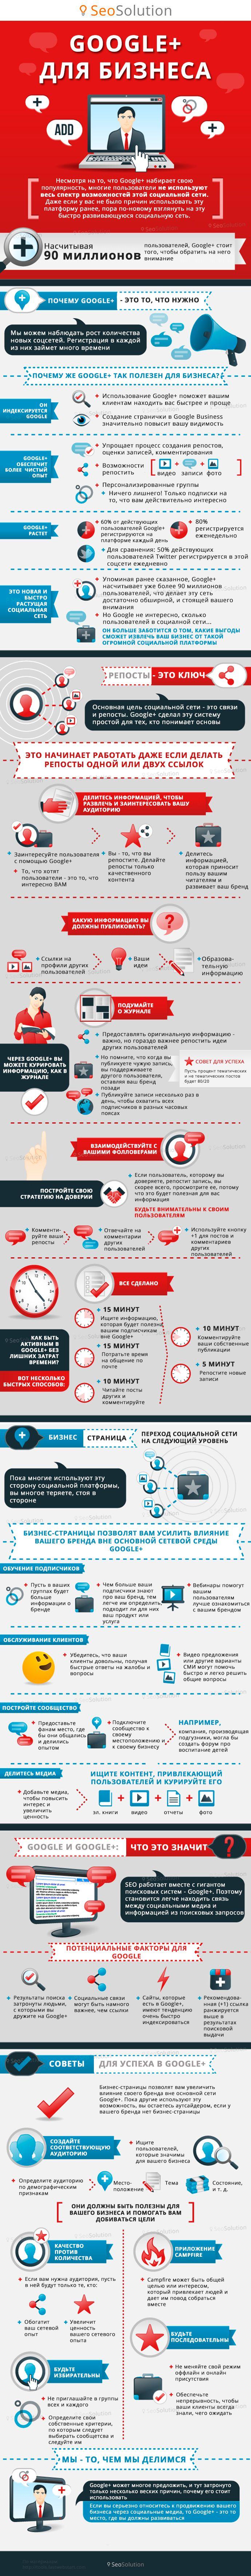 Инфографика: продвигаем бренд в Google